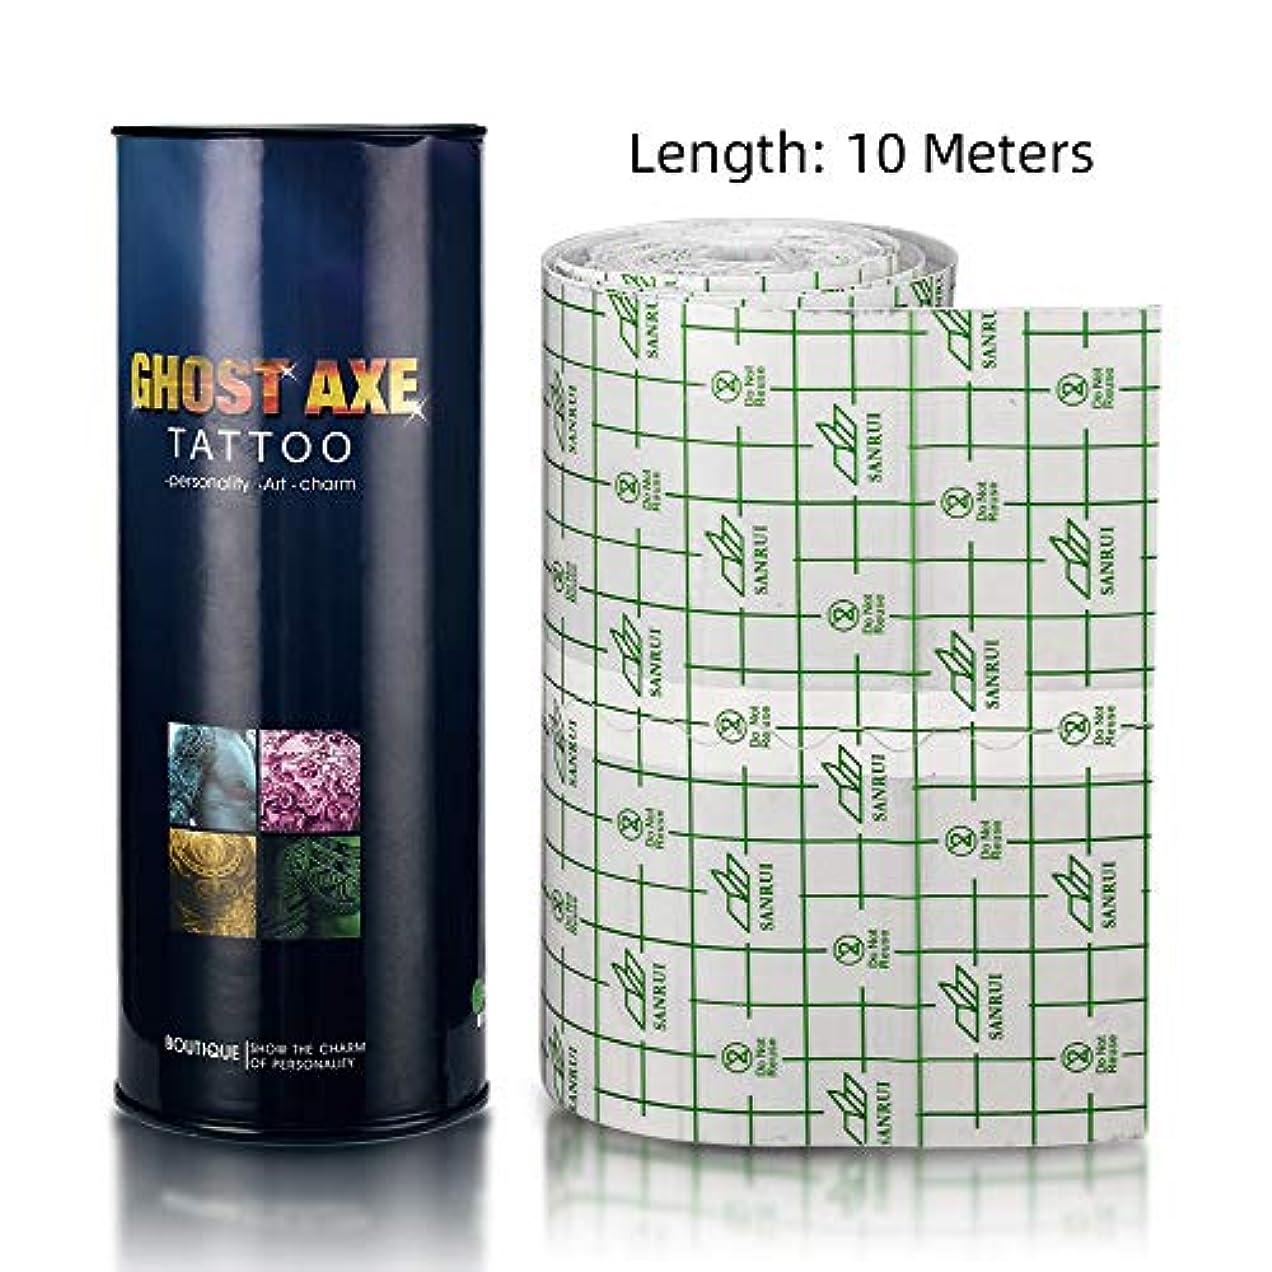 締め切り物理的にまたはタトゥーアフターケア包帯ロール、ATOMUSタトゥー防水透明フィルム接着剤クリア抗菌治癒タトゥー包帯 (10m×15cm)